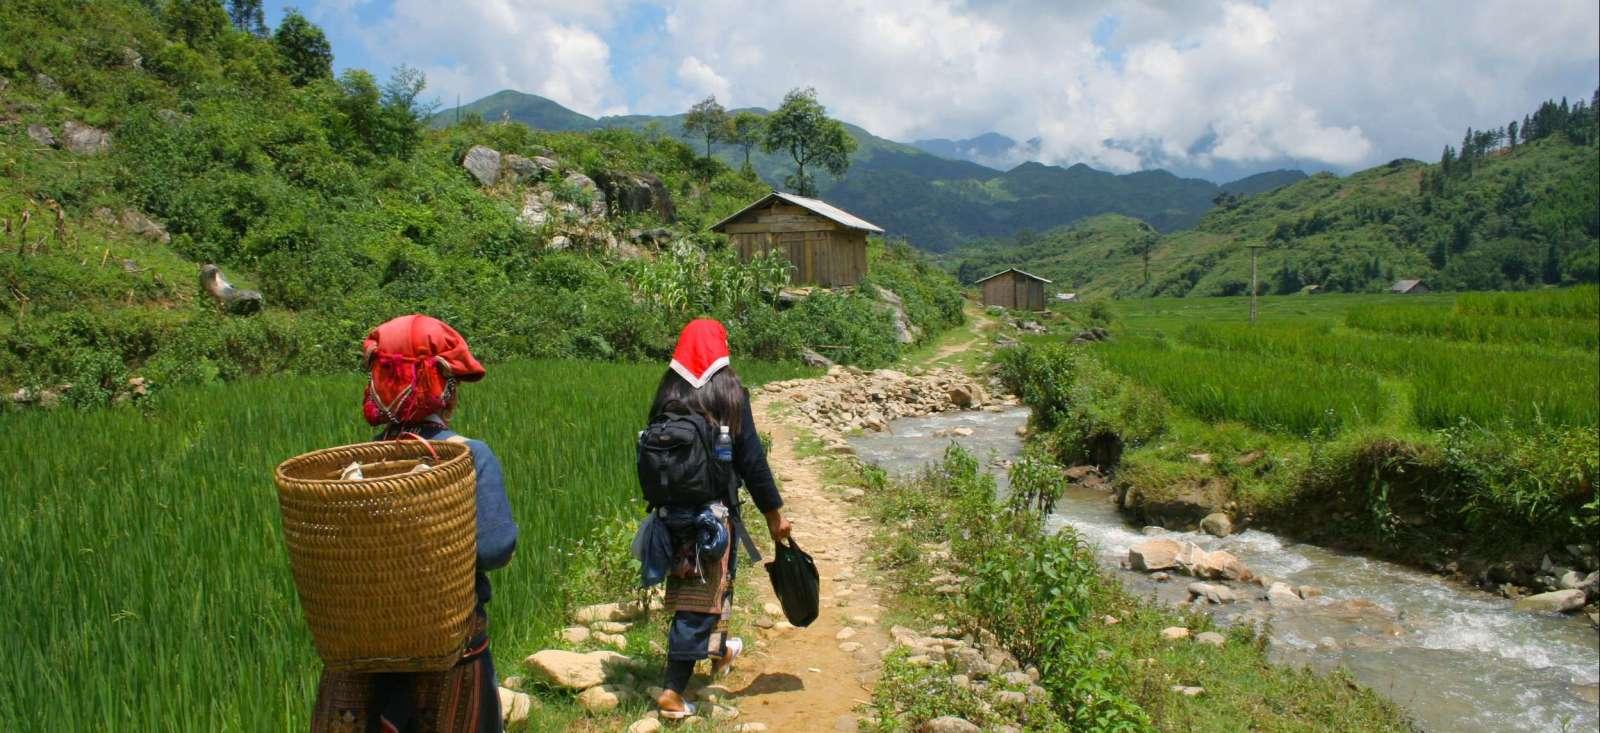 Voyage à thème : Vietnam : Randonnée tonkinoise